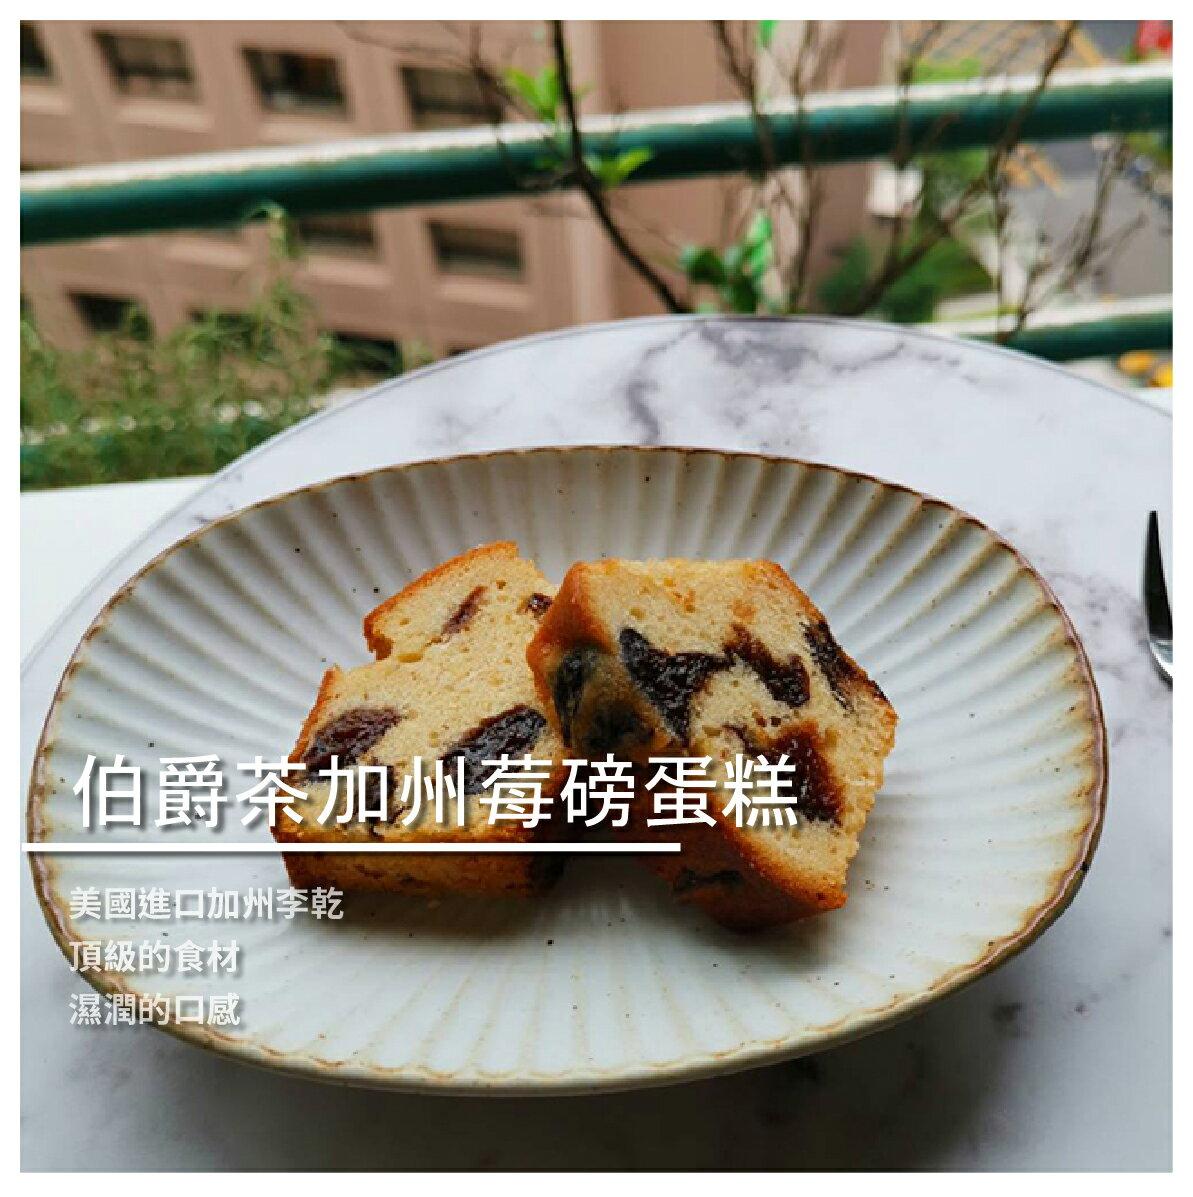 【鮮日嚐四季餐桌料理】伯爵茶加州莓磅蛋糕/條